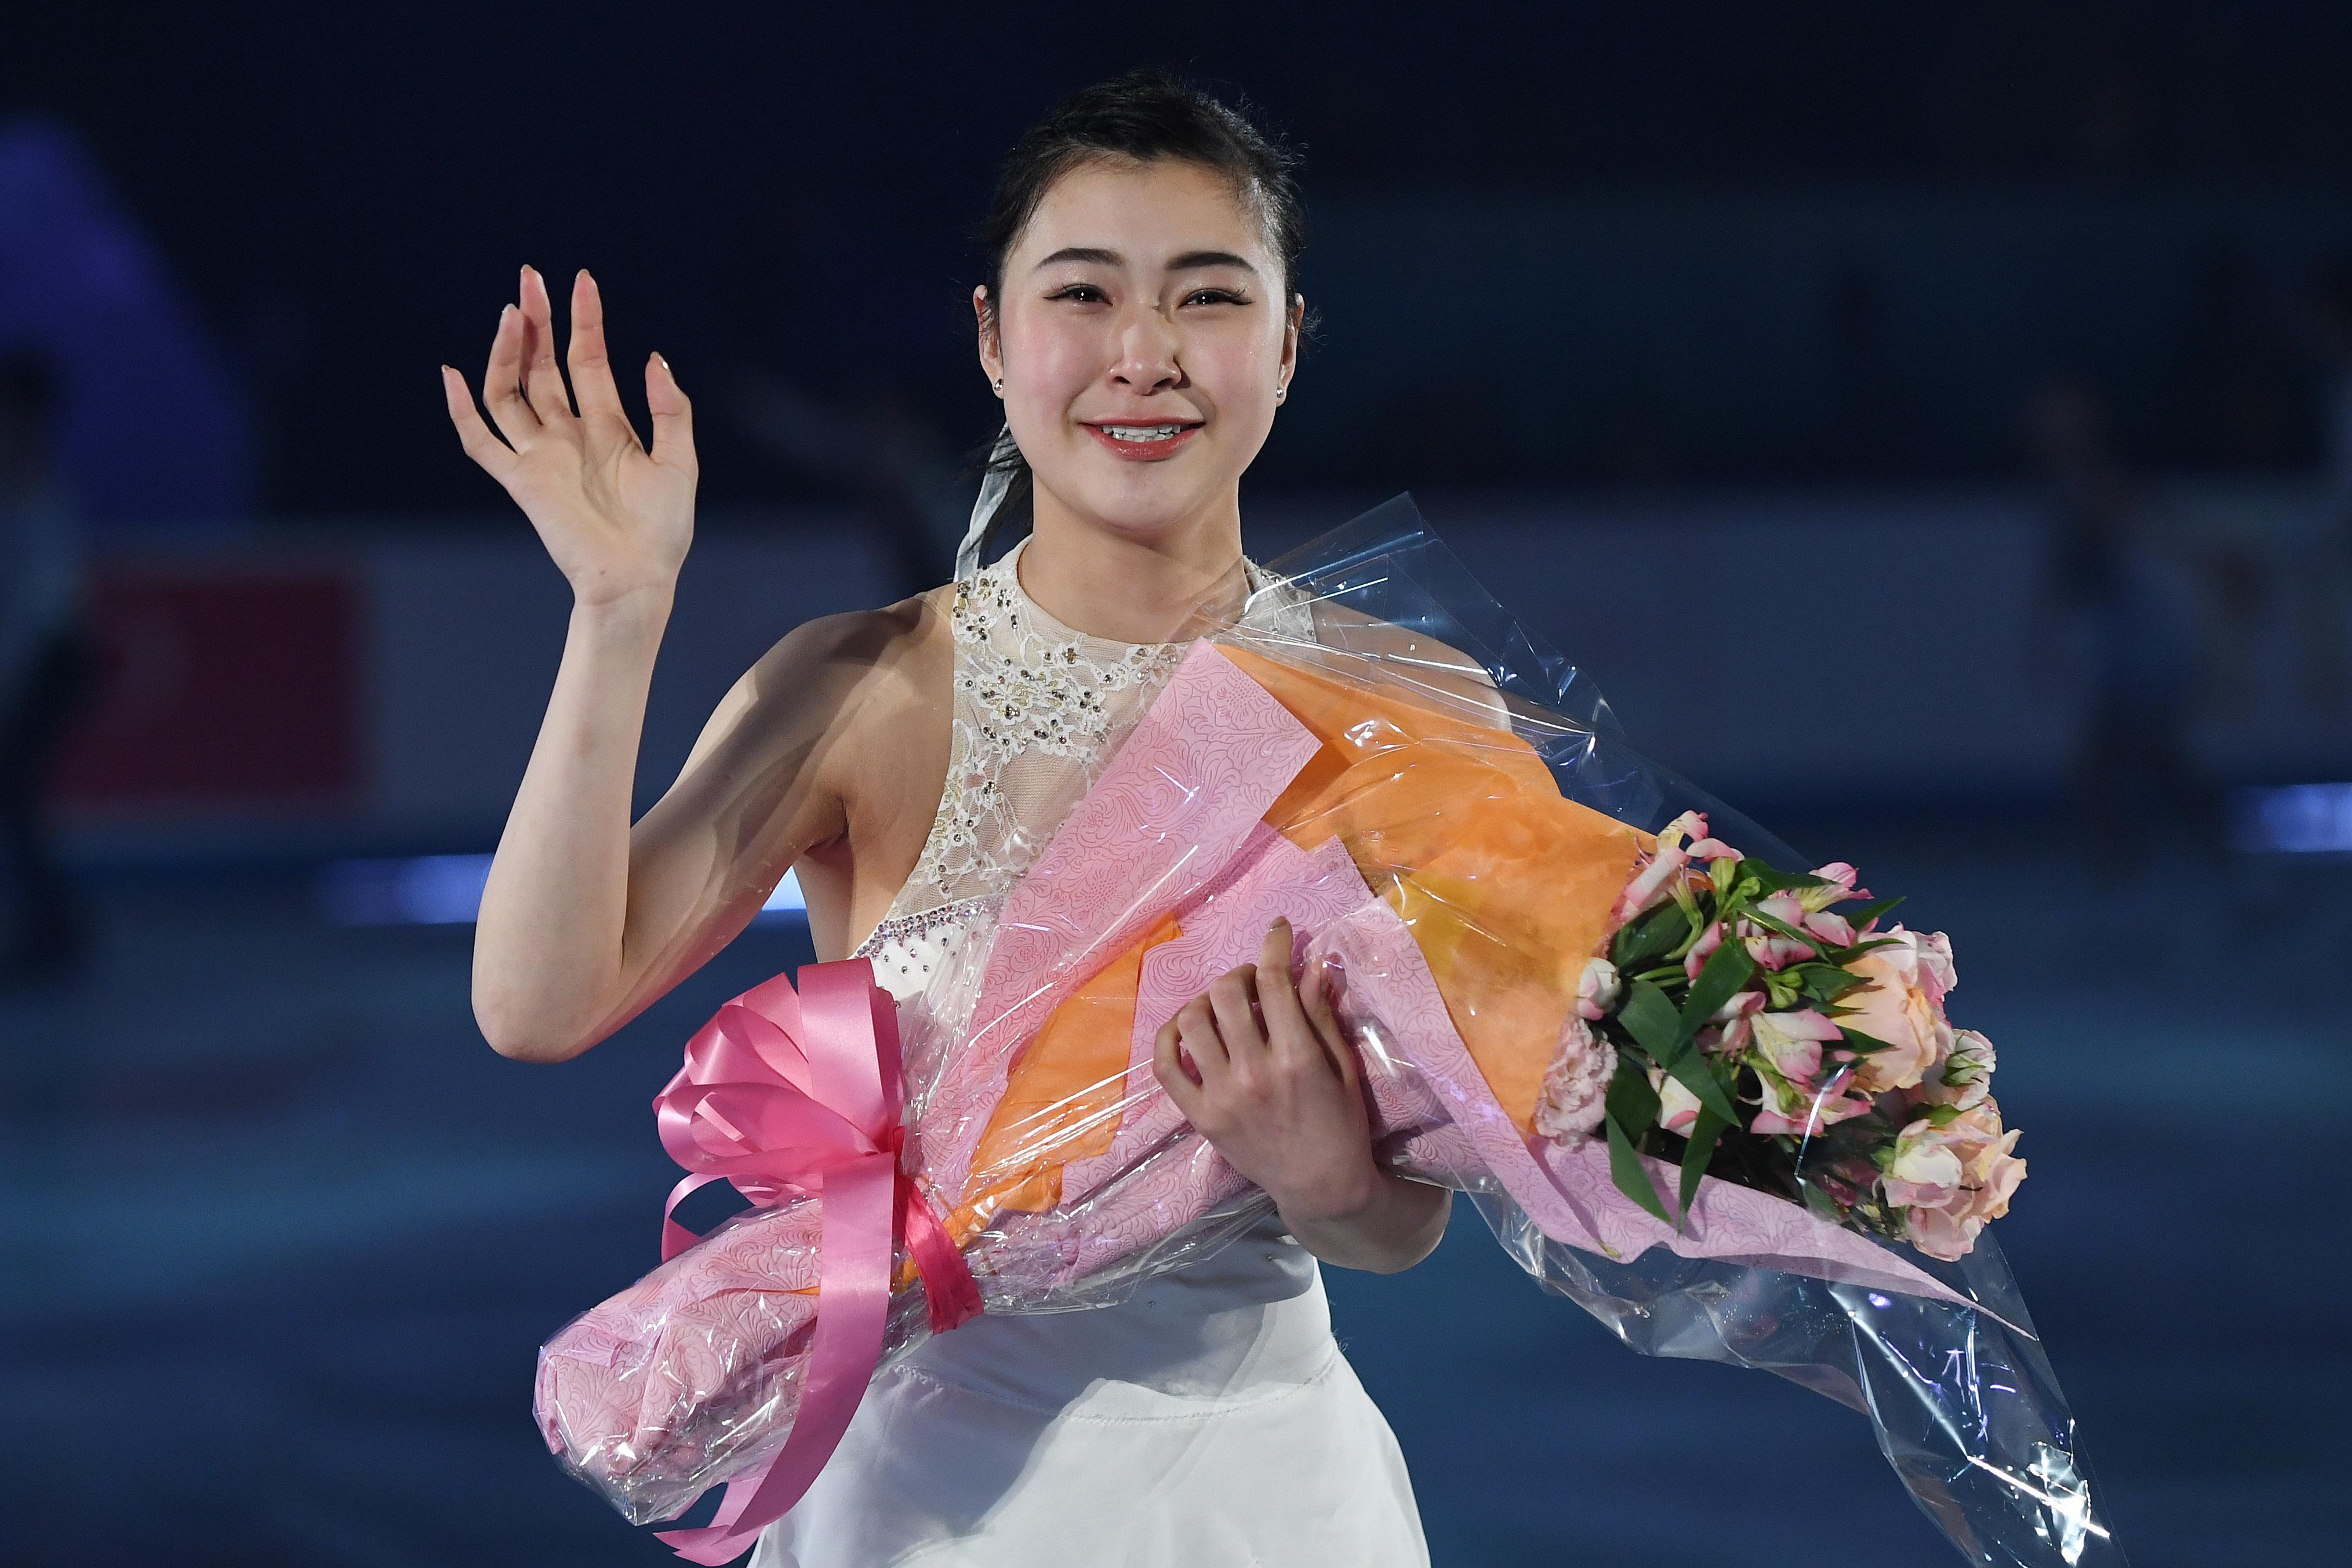 村上佳菜子が浅田真央の29歳誕生日を祝福「ずっとL O V E です」 画像